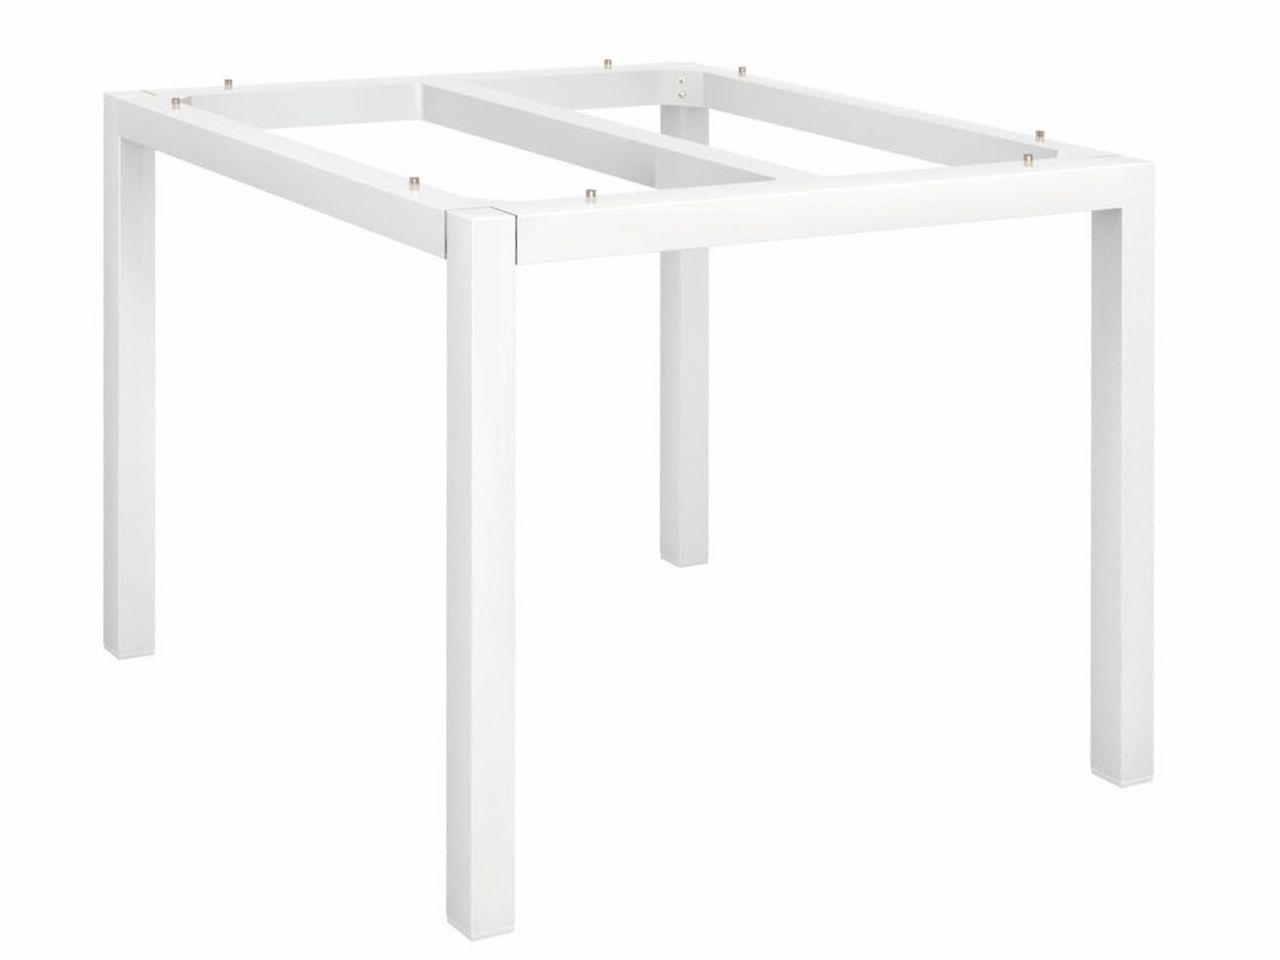 Stern Tischgestell Aluminium Vierkantrohr 90x90cm weiß